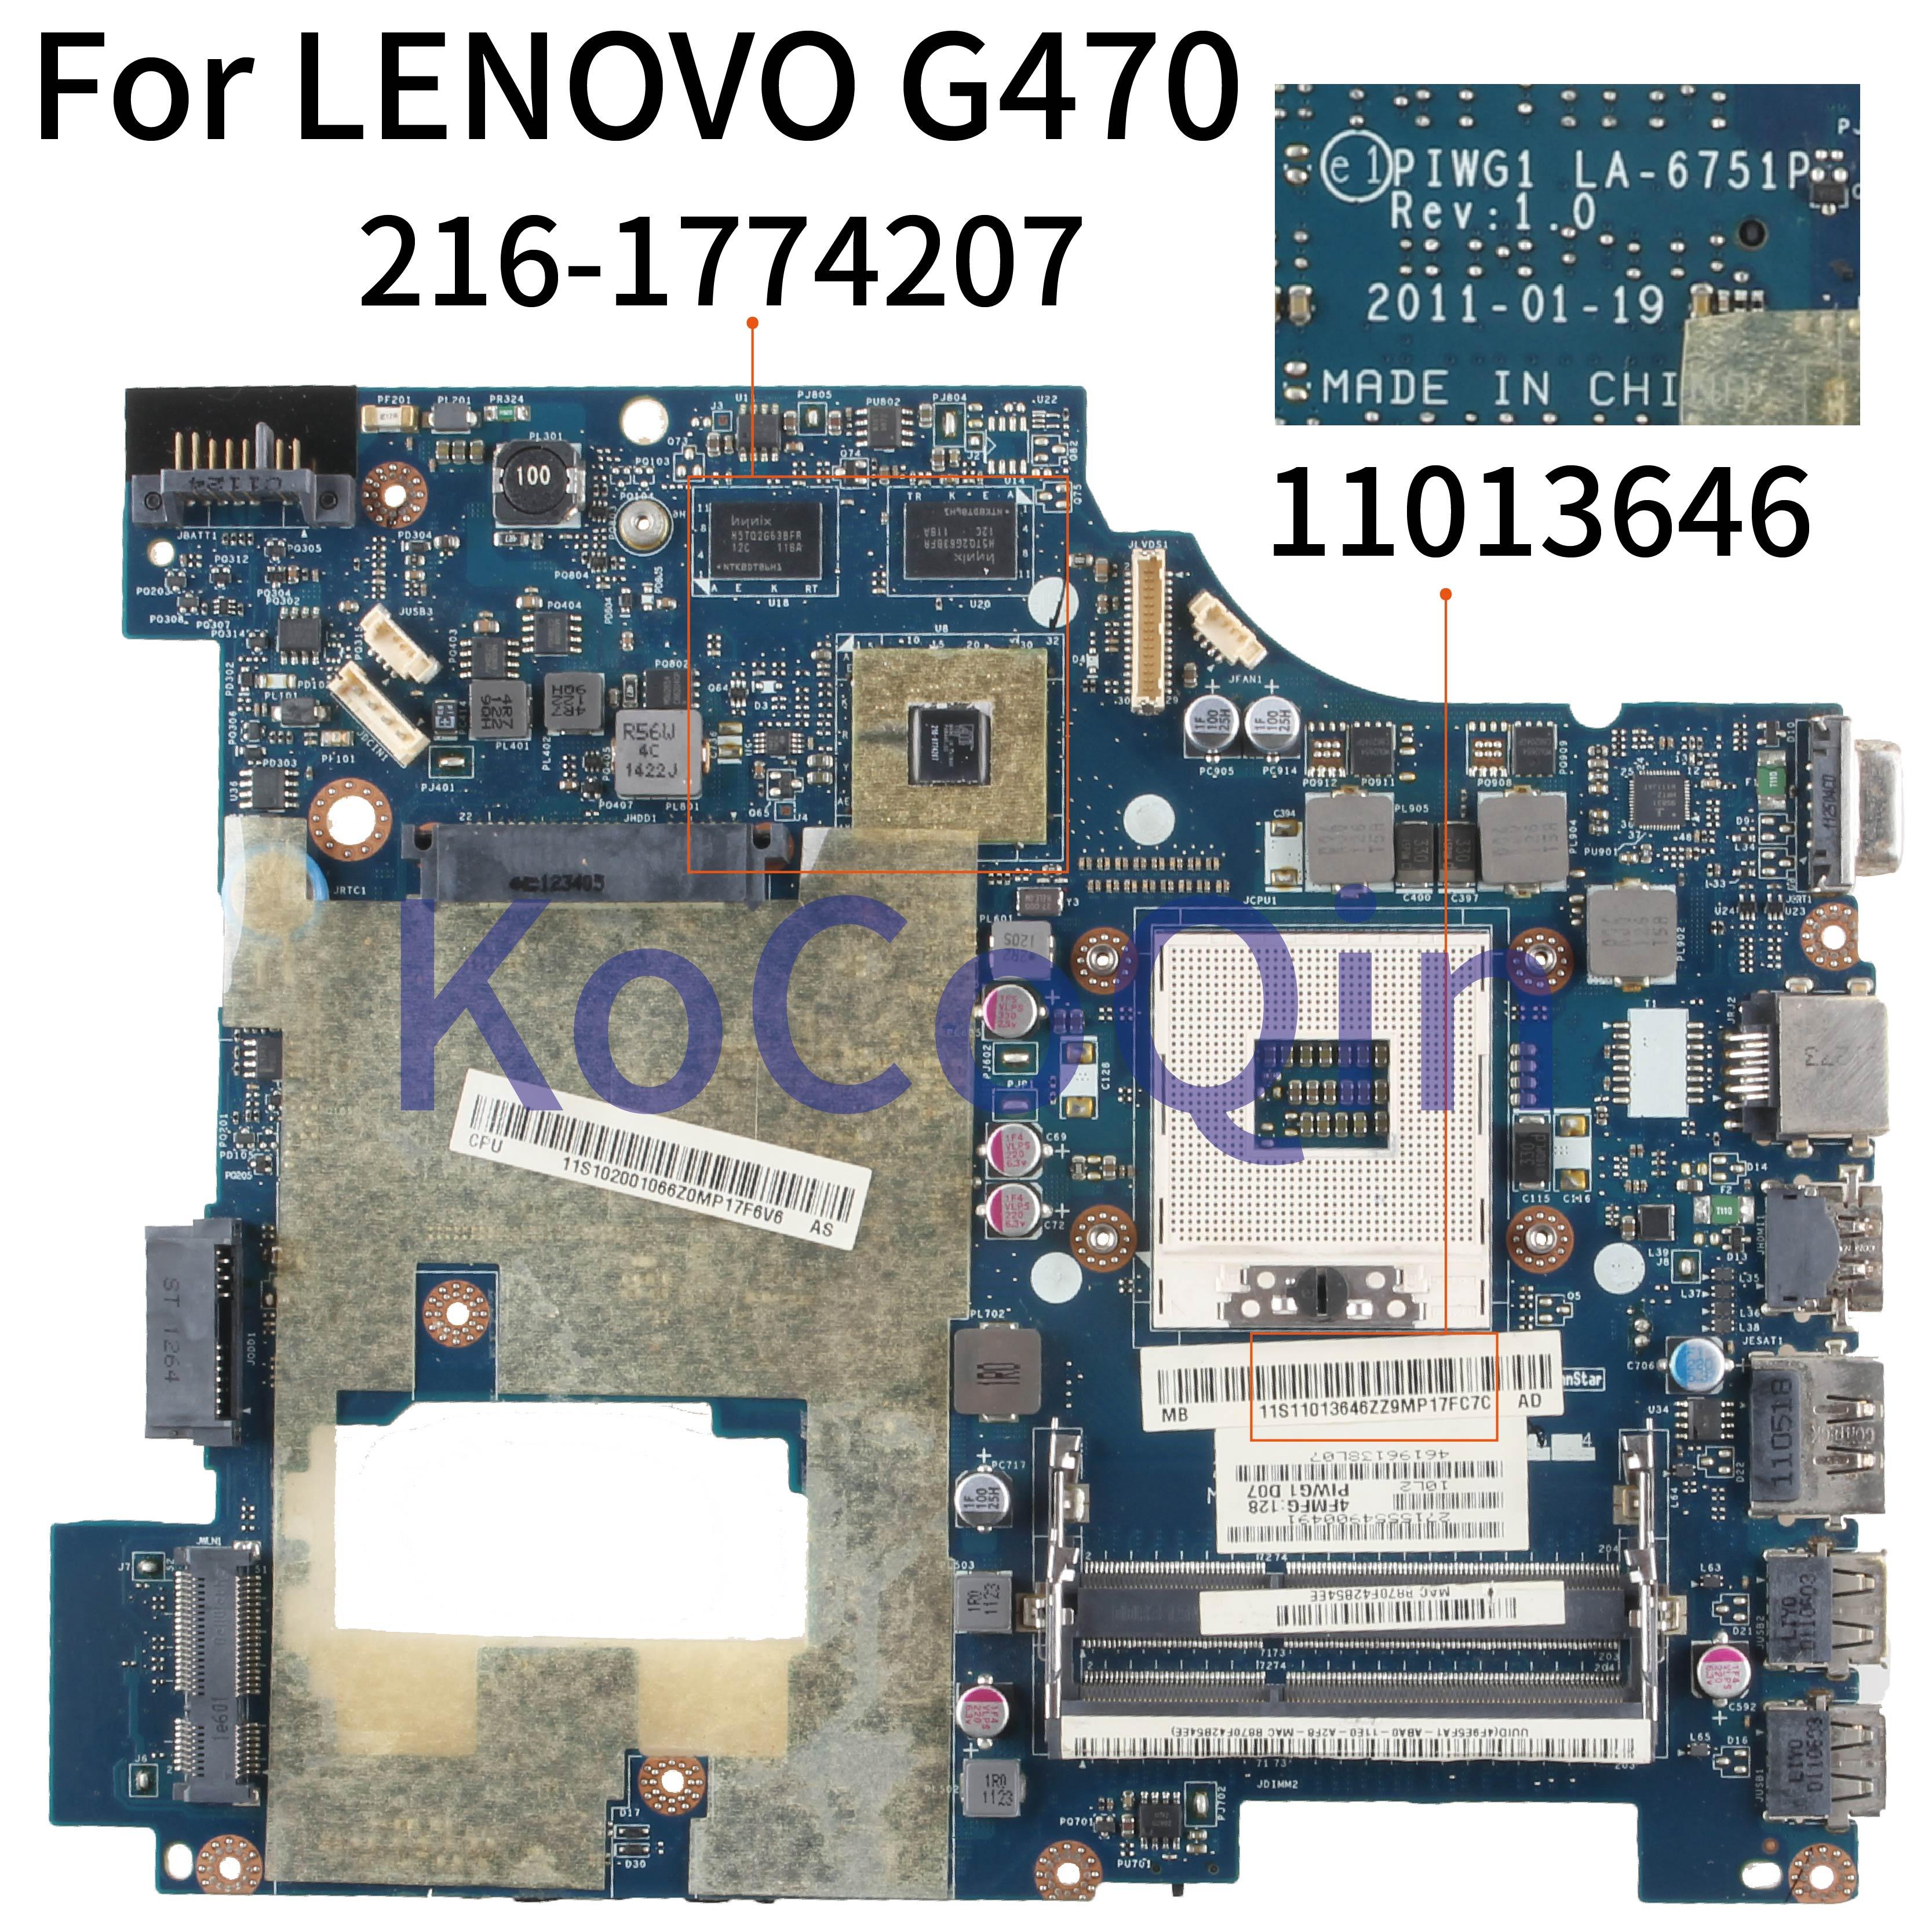 Bilgisayar ve Ofis'ten Dizüstü Bilgisayar Ana Kartı'de KoCoQin Laptop anakart LENOVO G470 14 'inç HD6370M anakart 11013646 PIWG1 LA 6751P HM65 216 1774207 title=